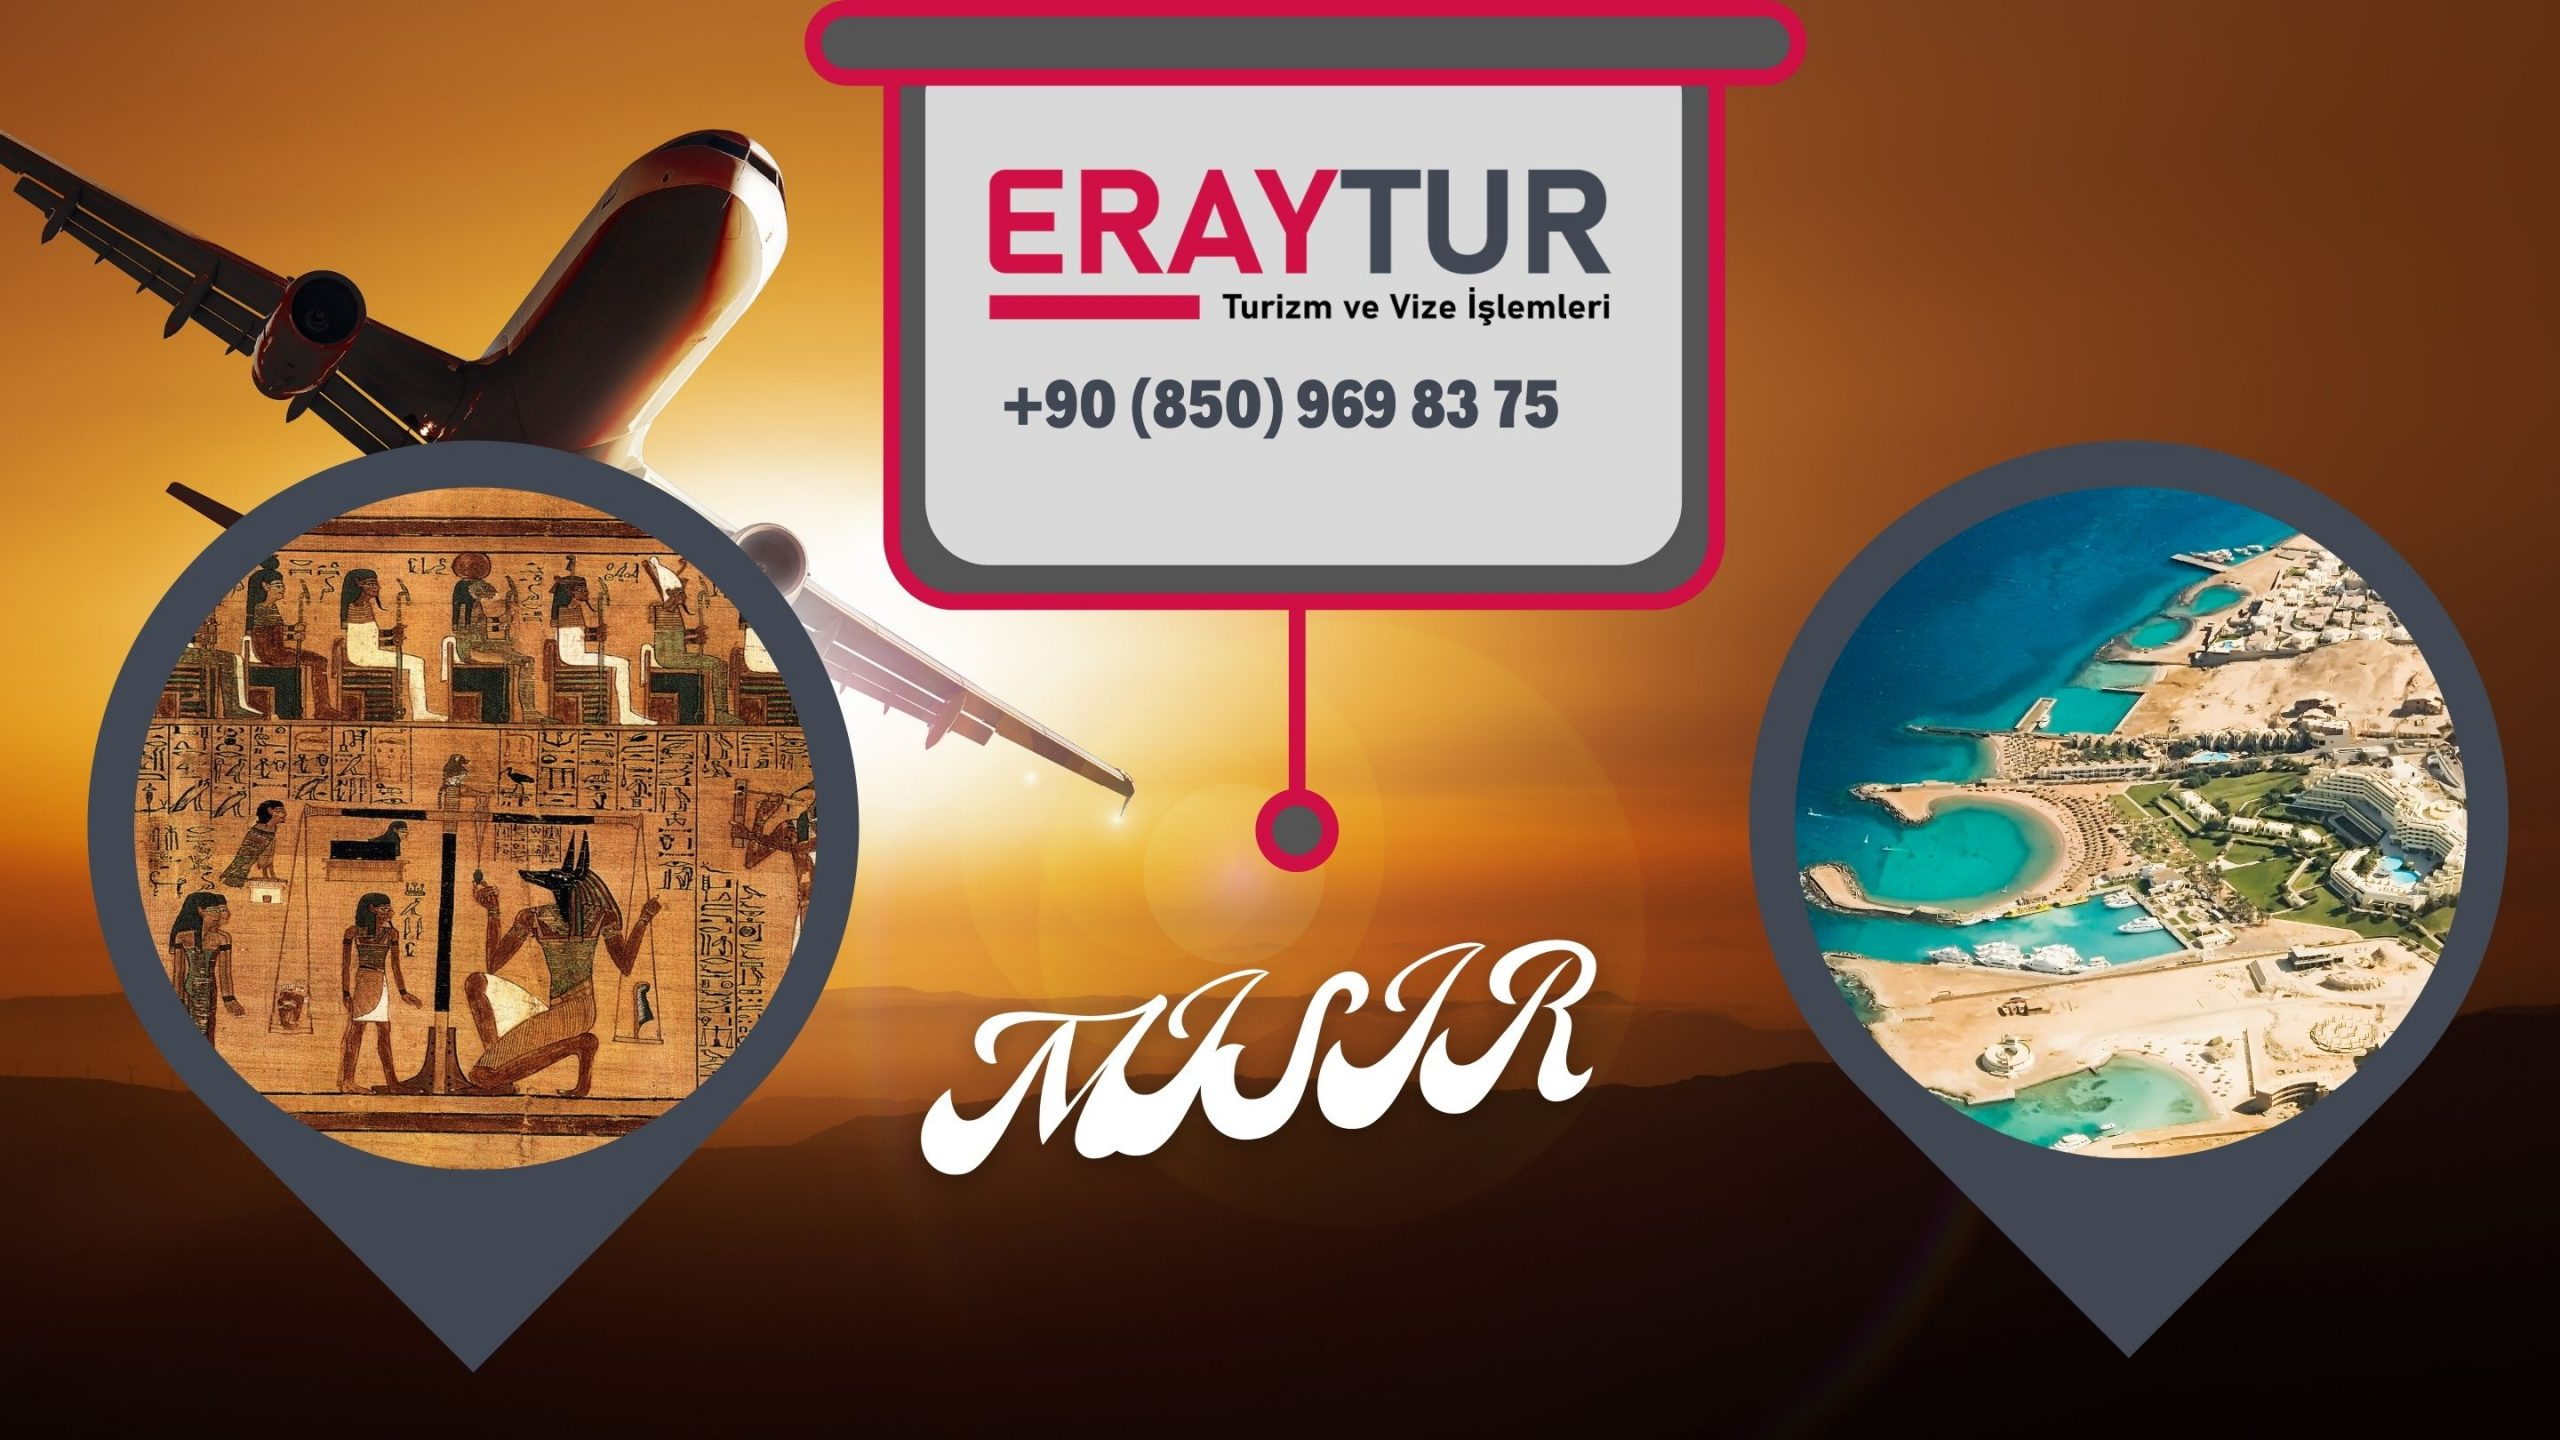 Mısır Vize Reddi ve Çözümü 1 – misir vize reddi ve cozumu 1 scaled